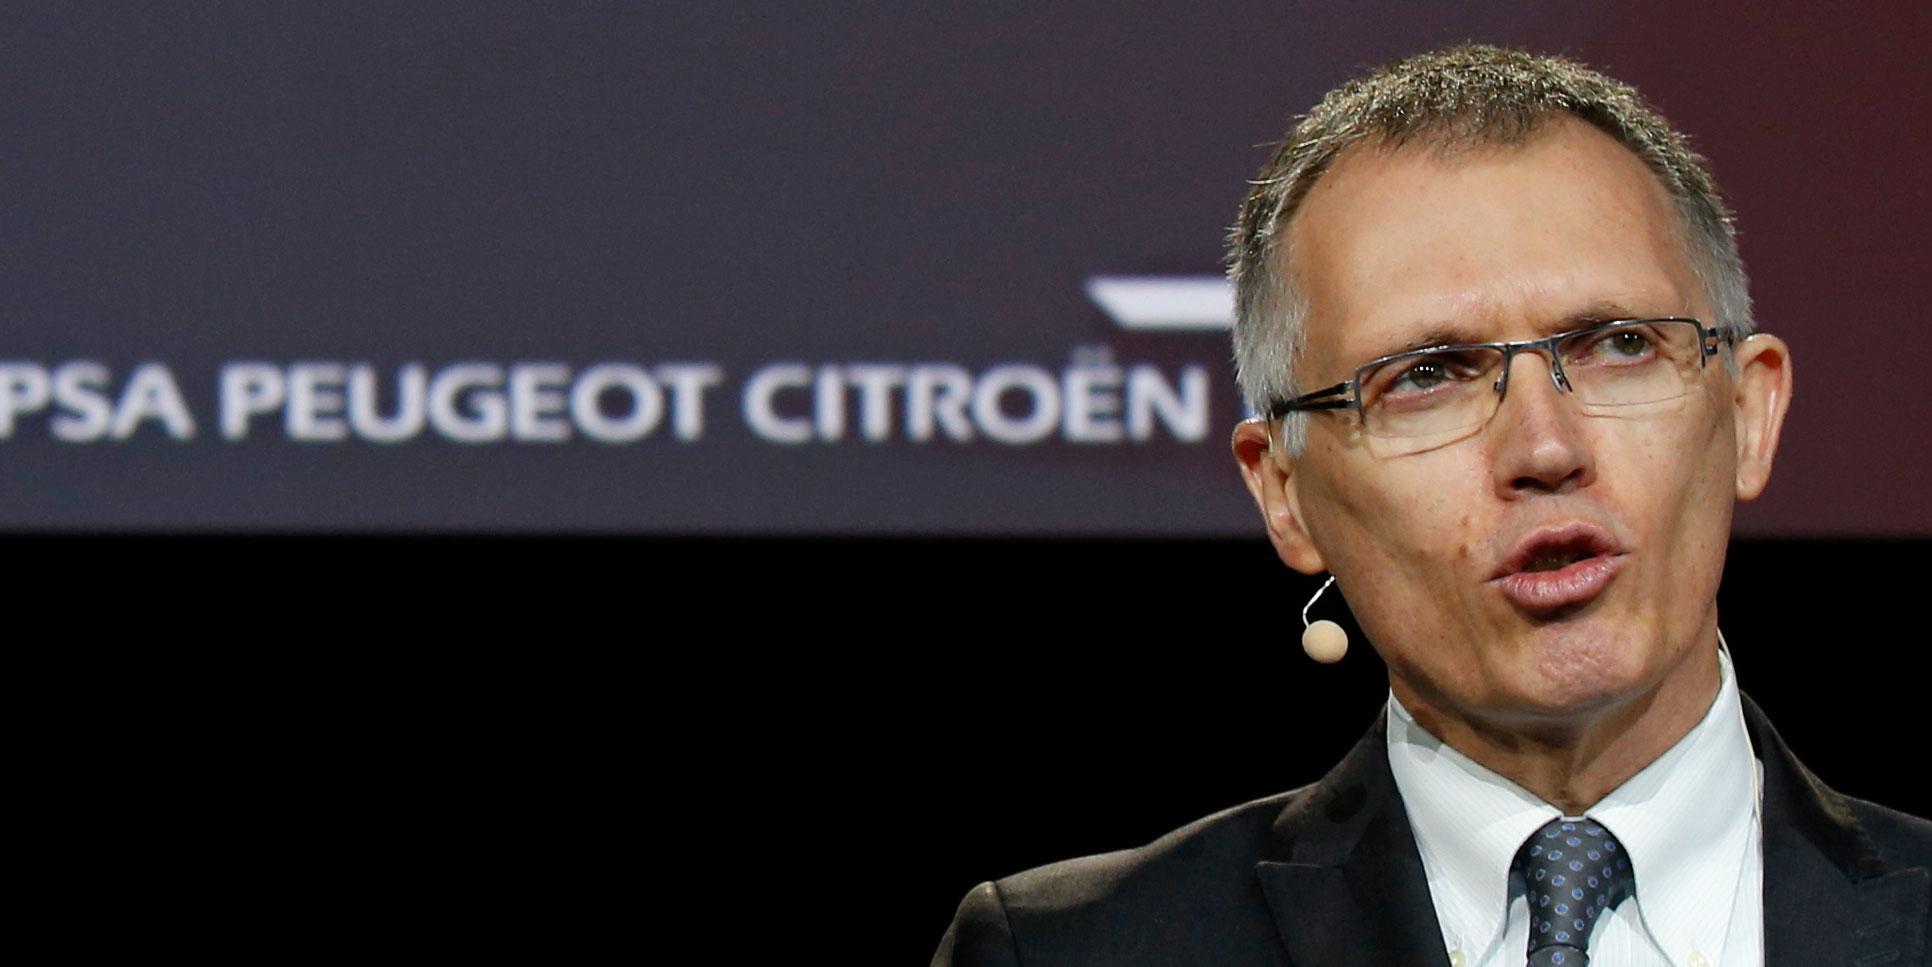 Mise en garde de Carlos Tavares sur l'électromobilité